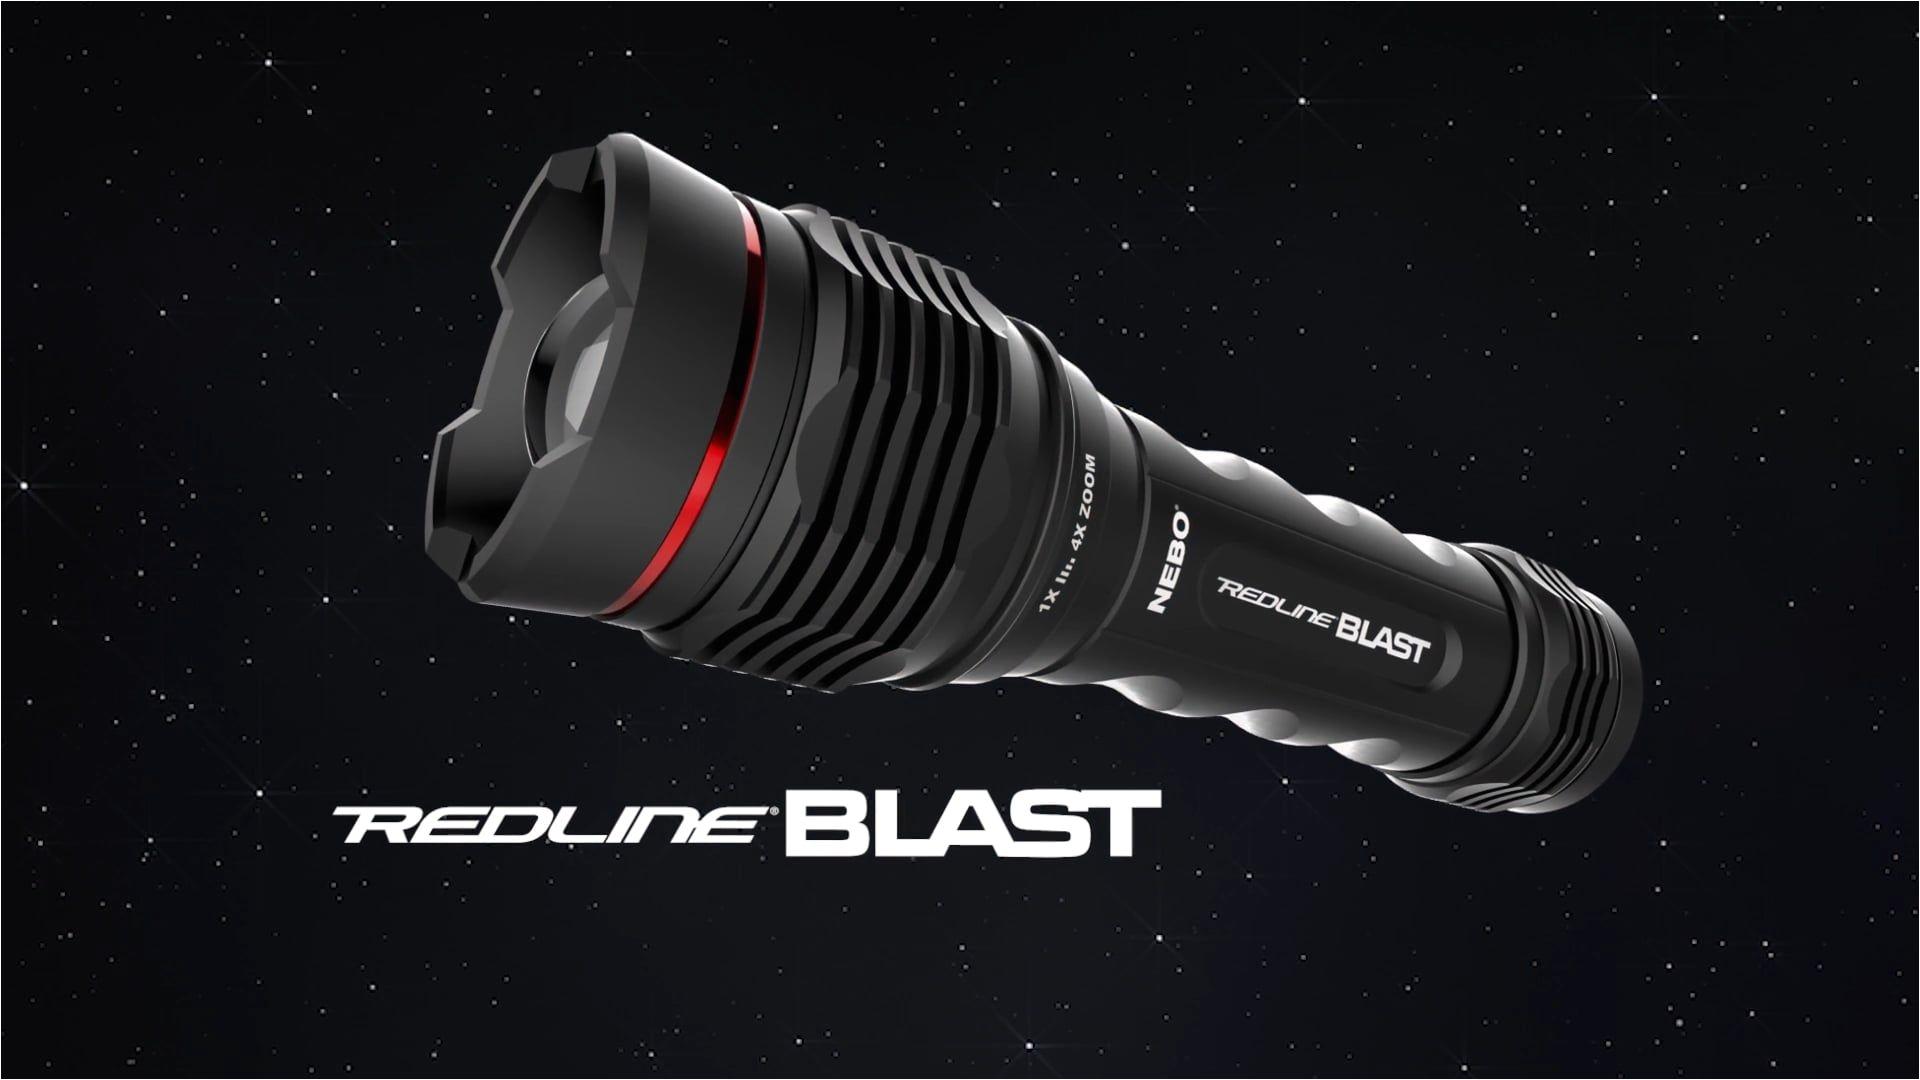 redline blast by nebo 1400 lumen led flashlight